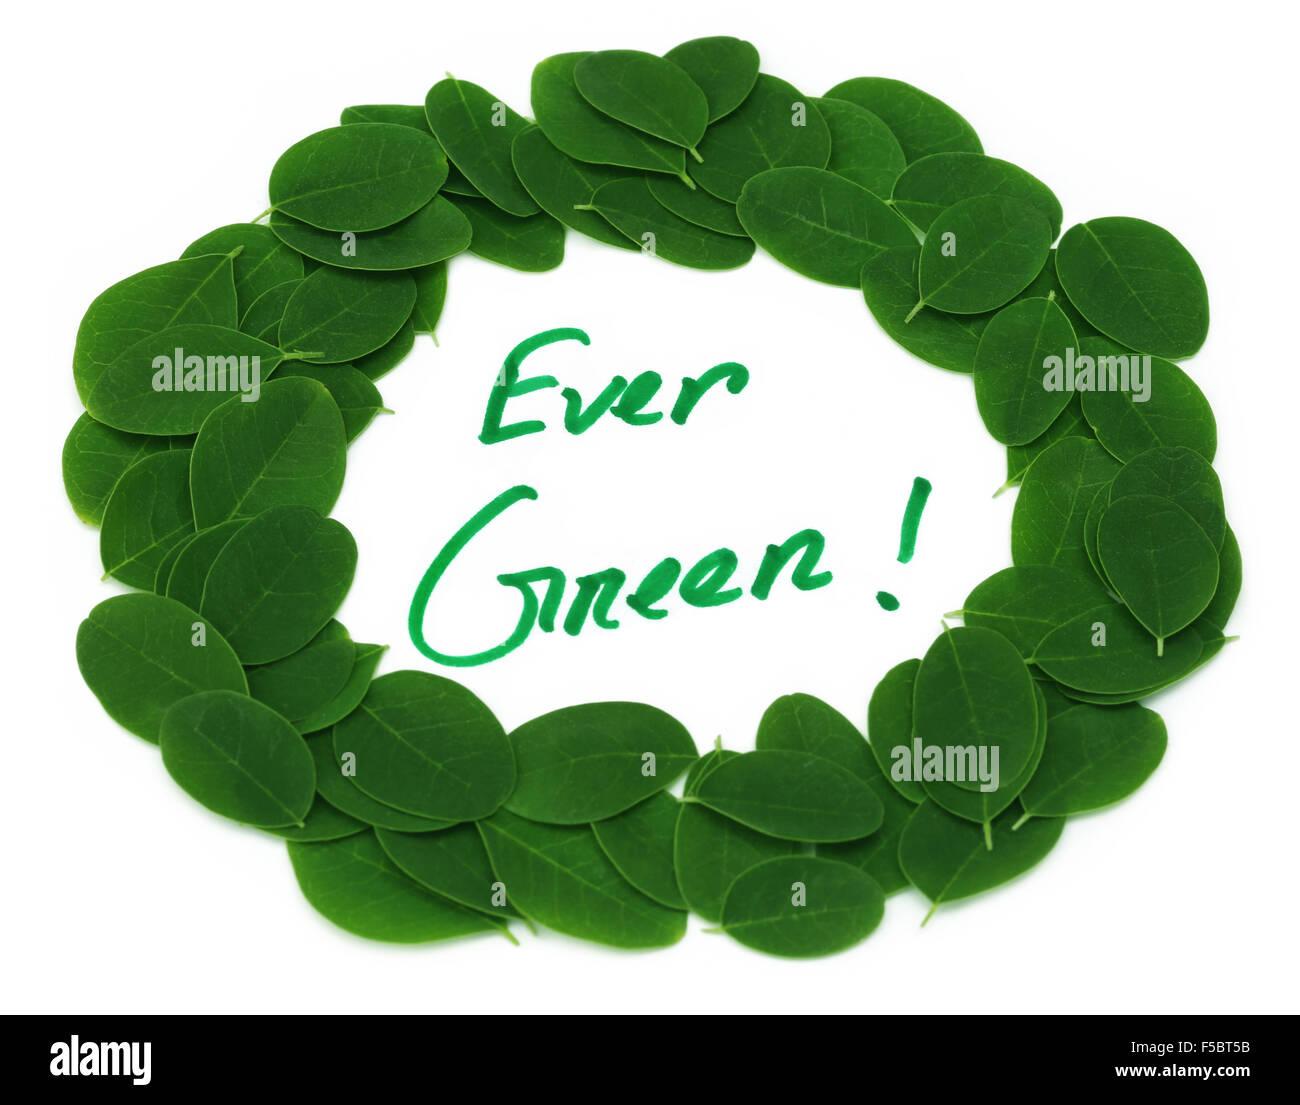 Ever Green written in Moringa leaves frame over white background - Stock Image